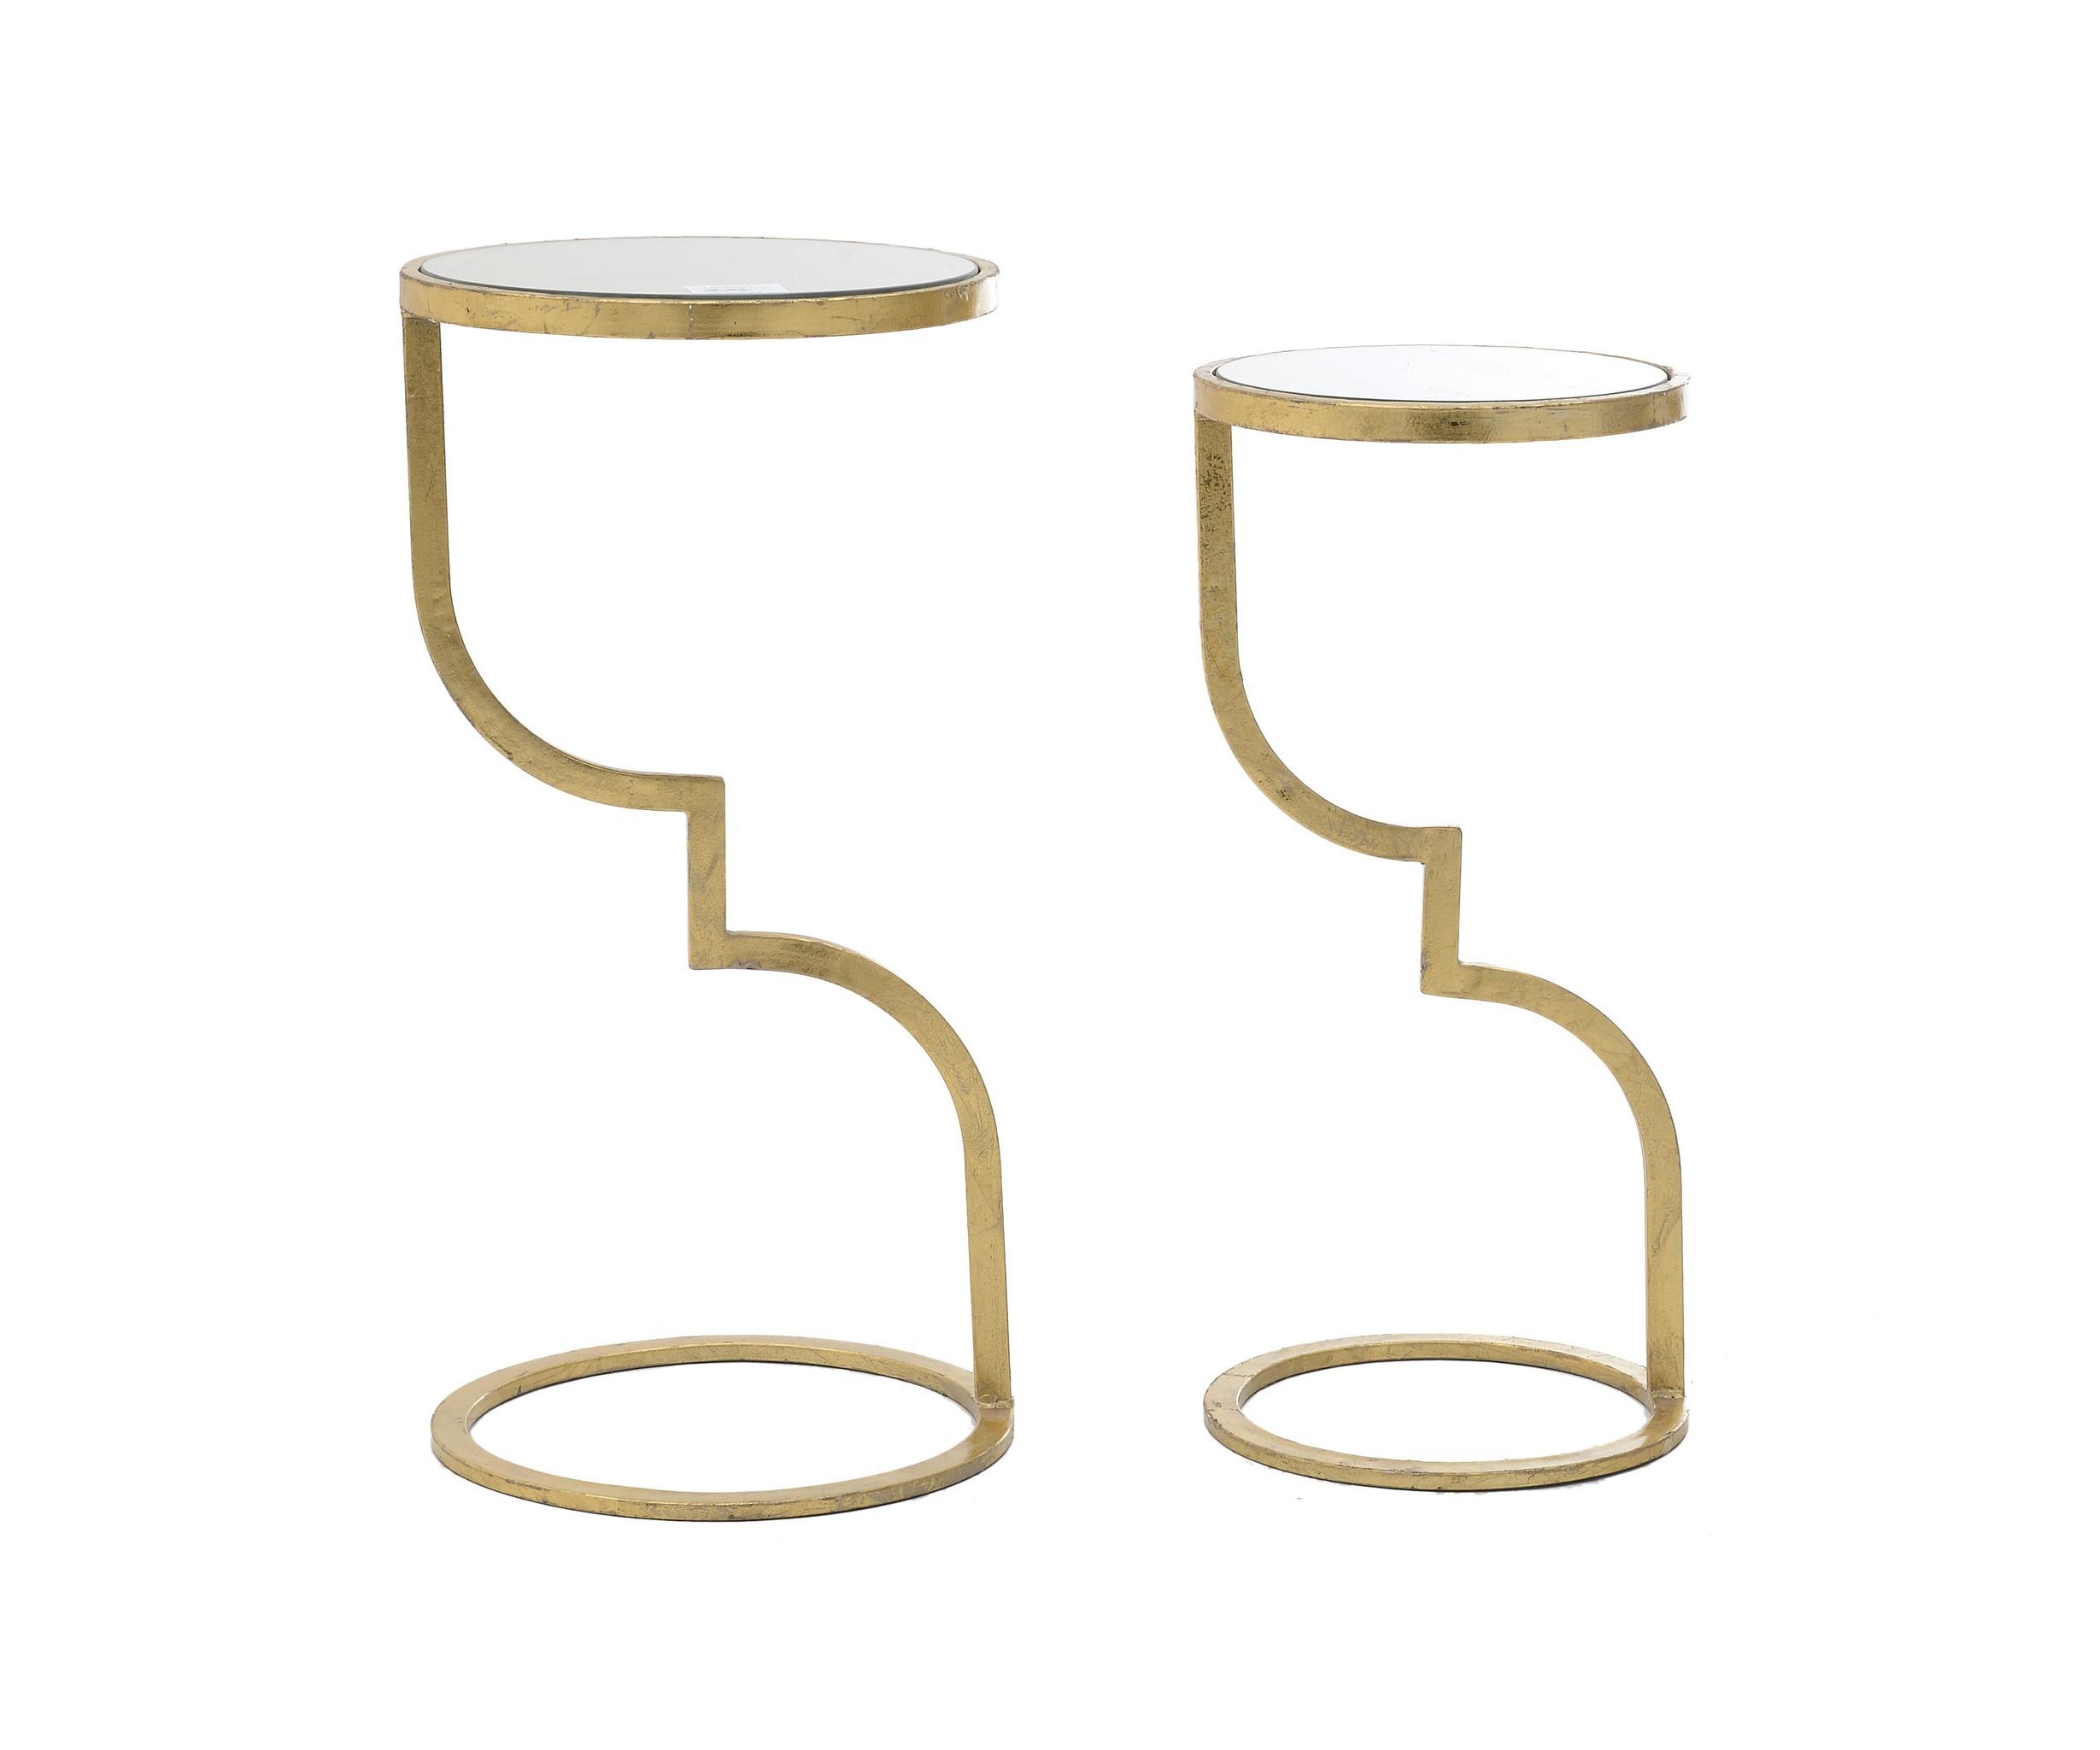 Стол Eryne (2 шт)Приставные столики<br>Стол, набор 2 шт - 32X32X65 / 27X27X59.5<br><br>Material: Металл<br>Высота см: 65